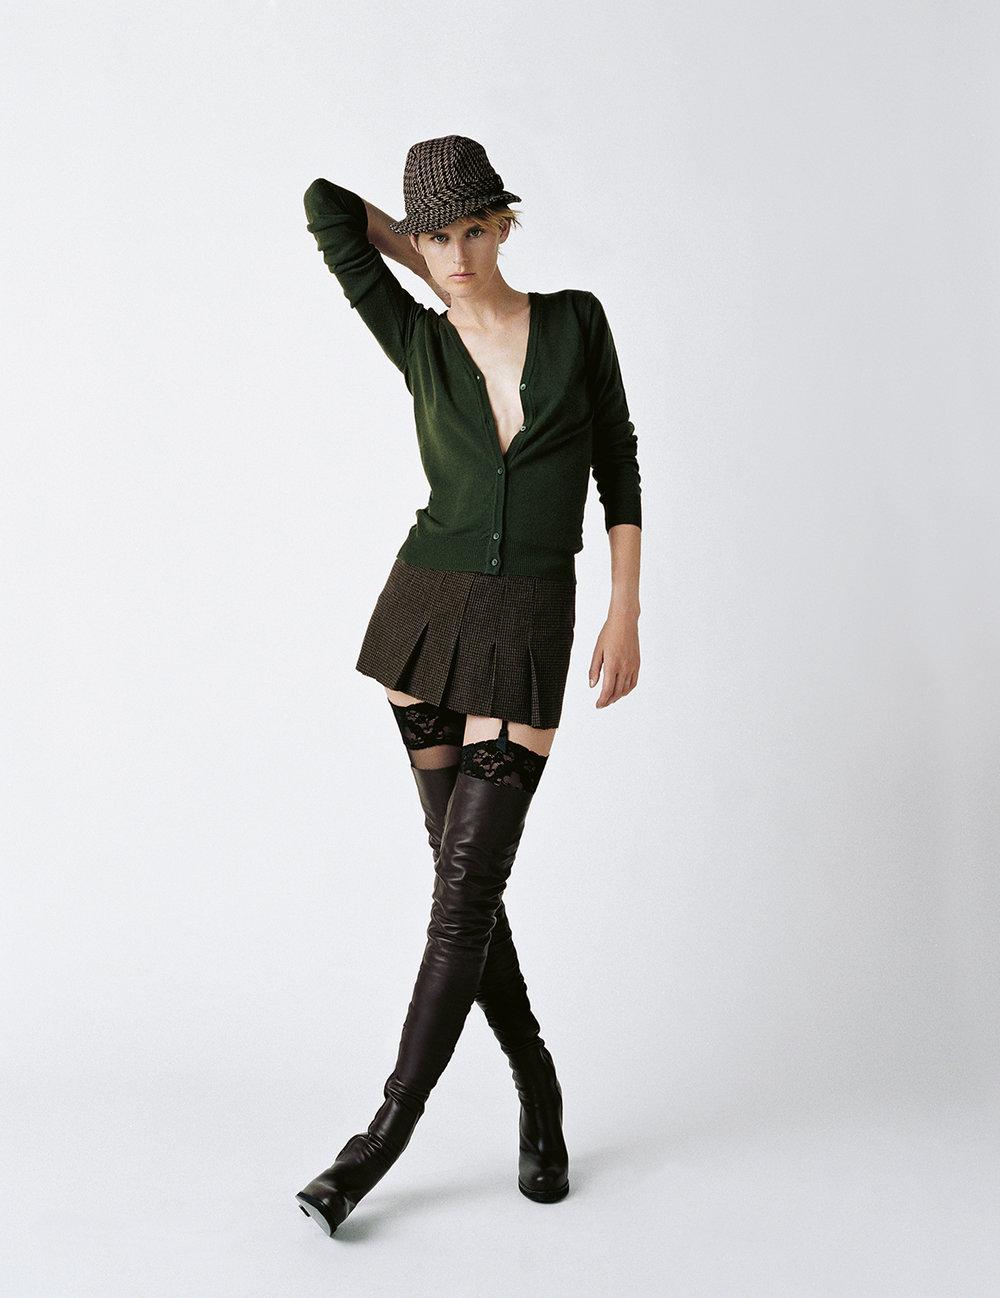 Vogue-01_fin-1.jpg